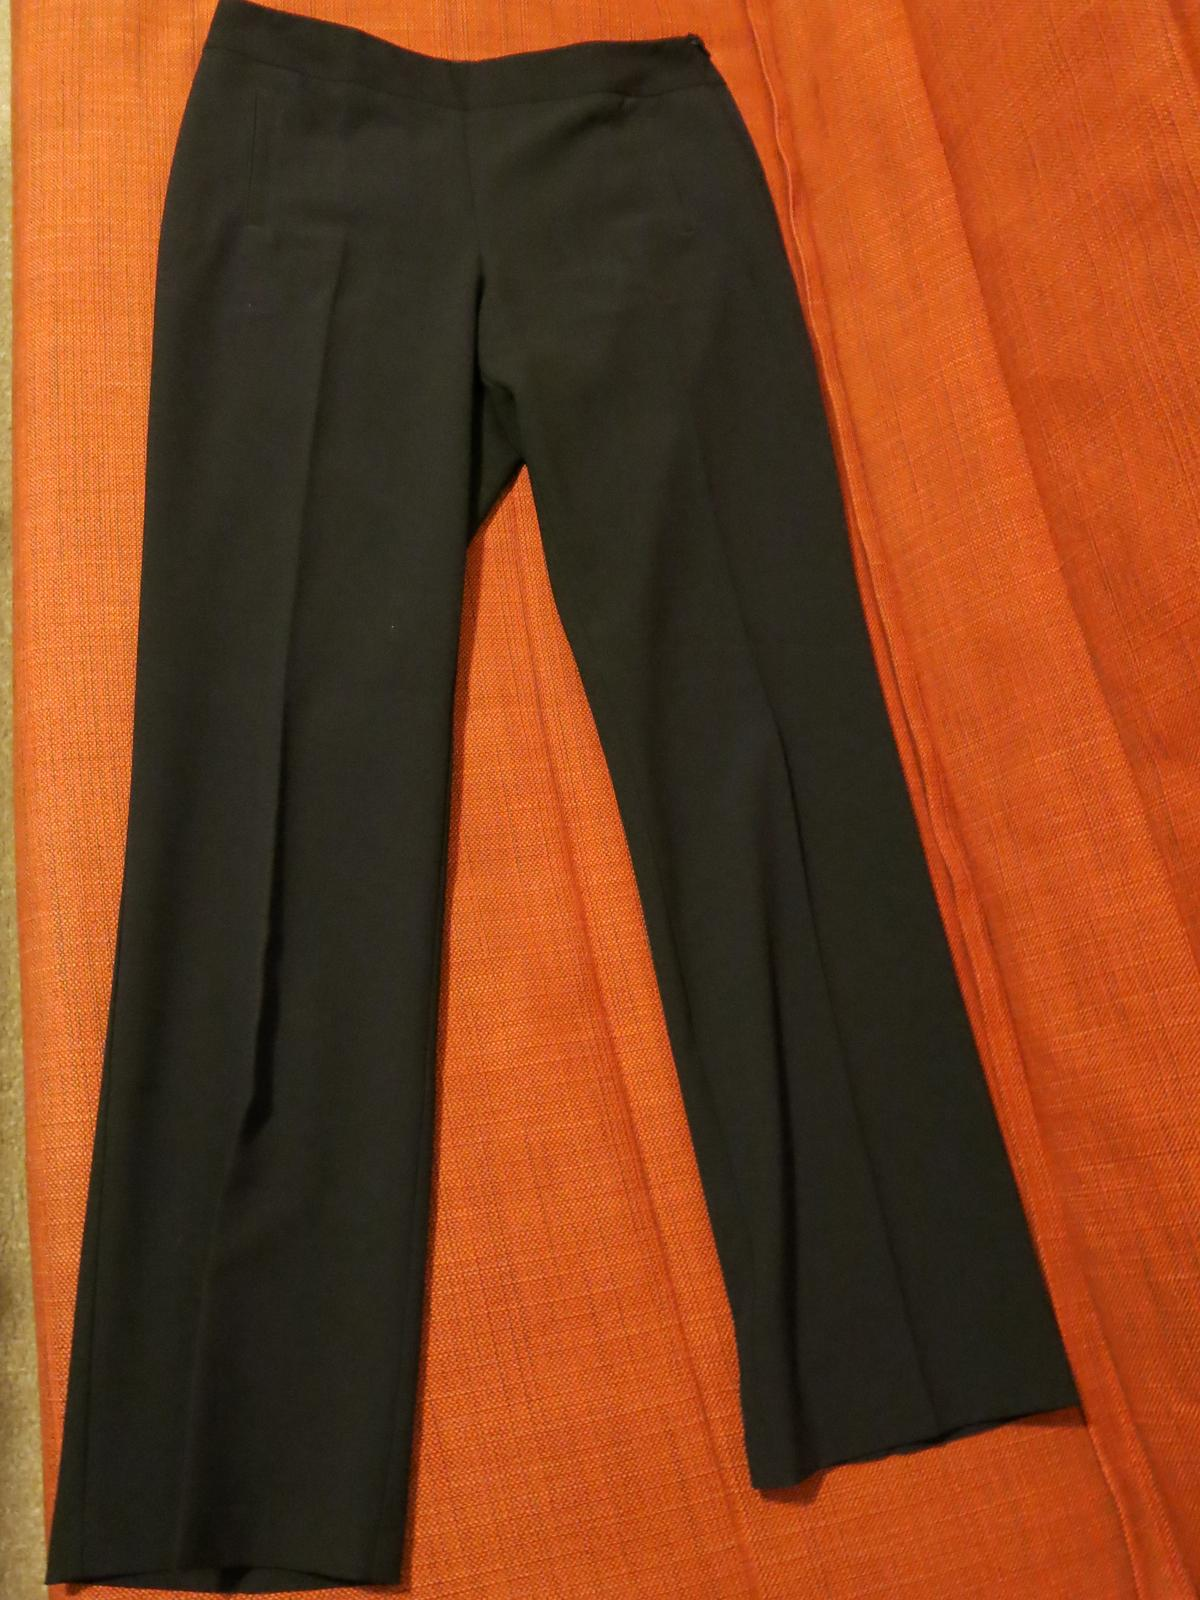 Dámské kalhoty Zara - Obrázek č. 1